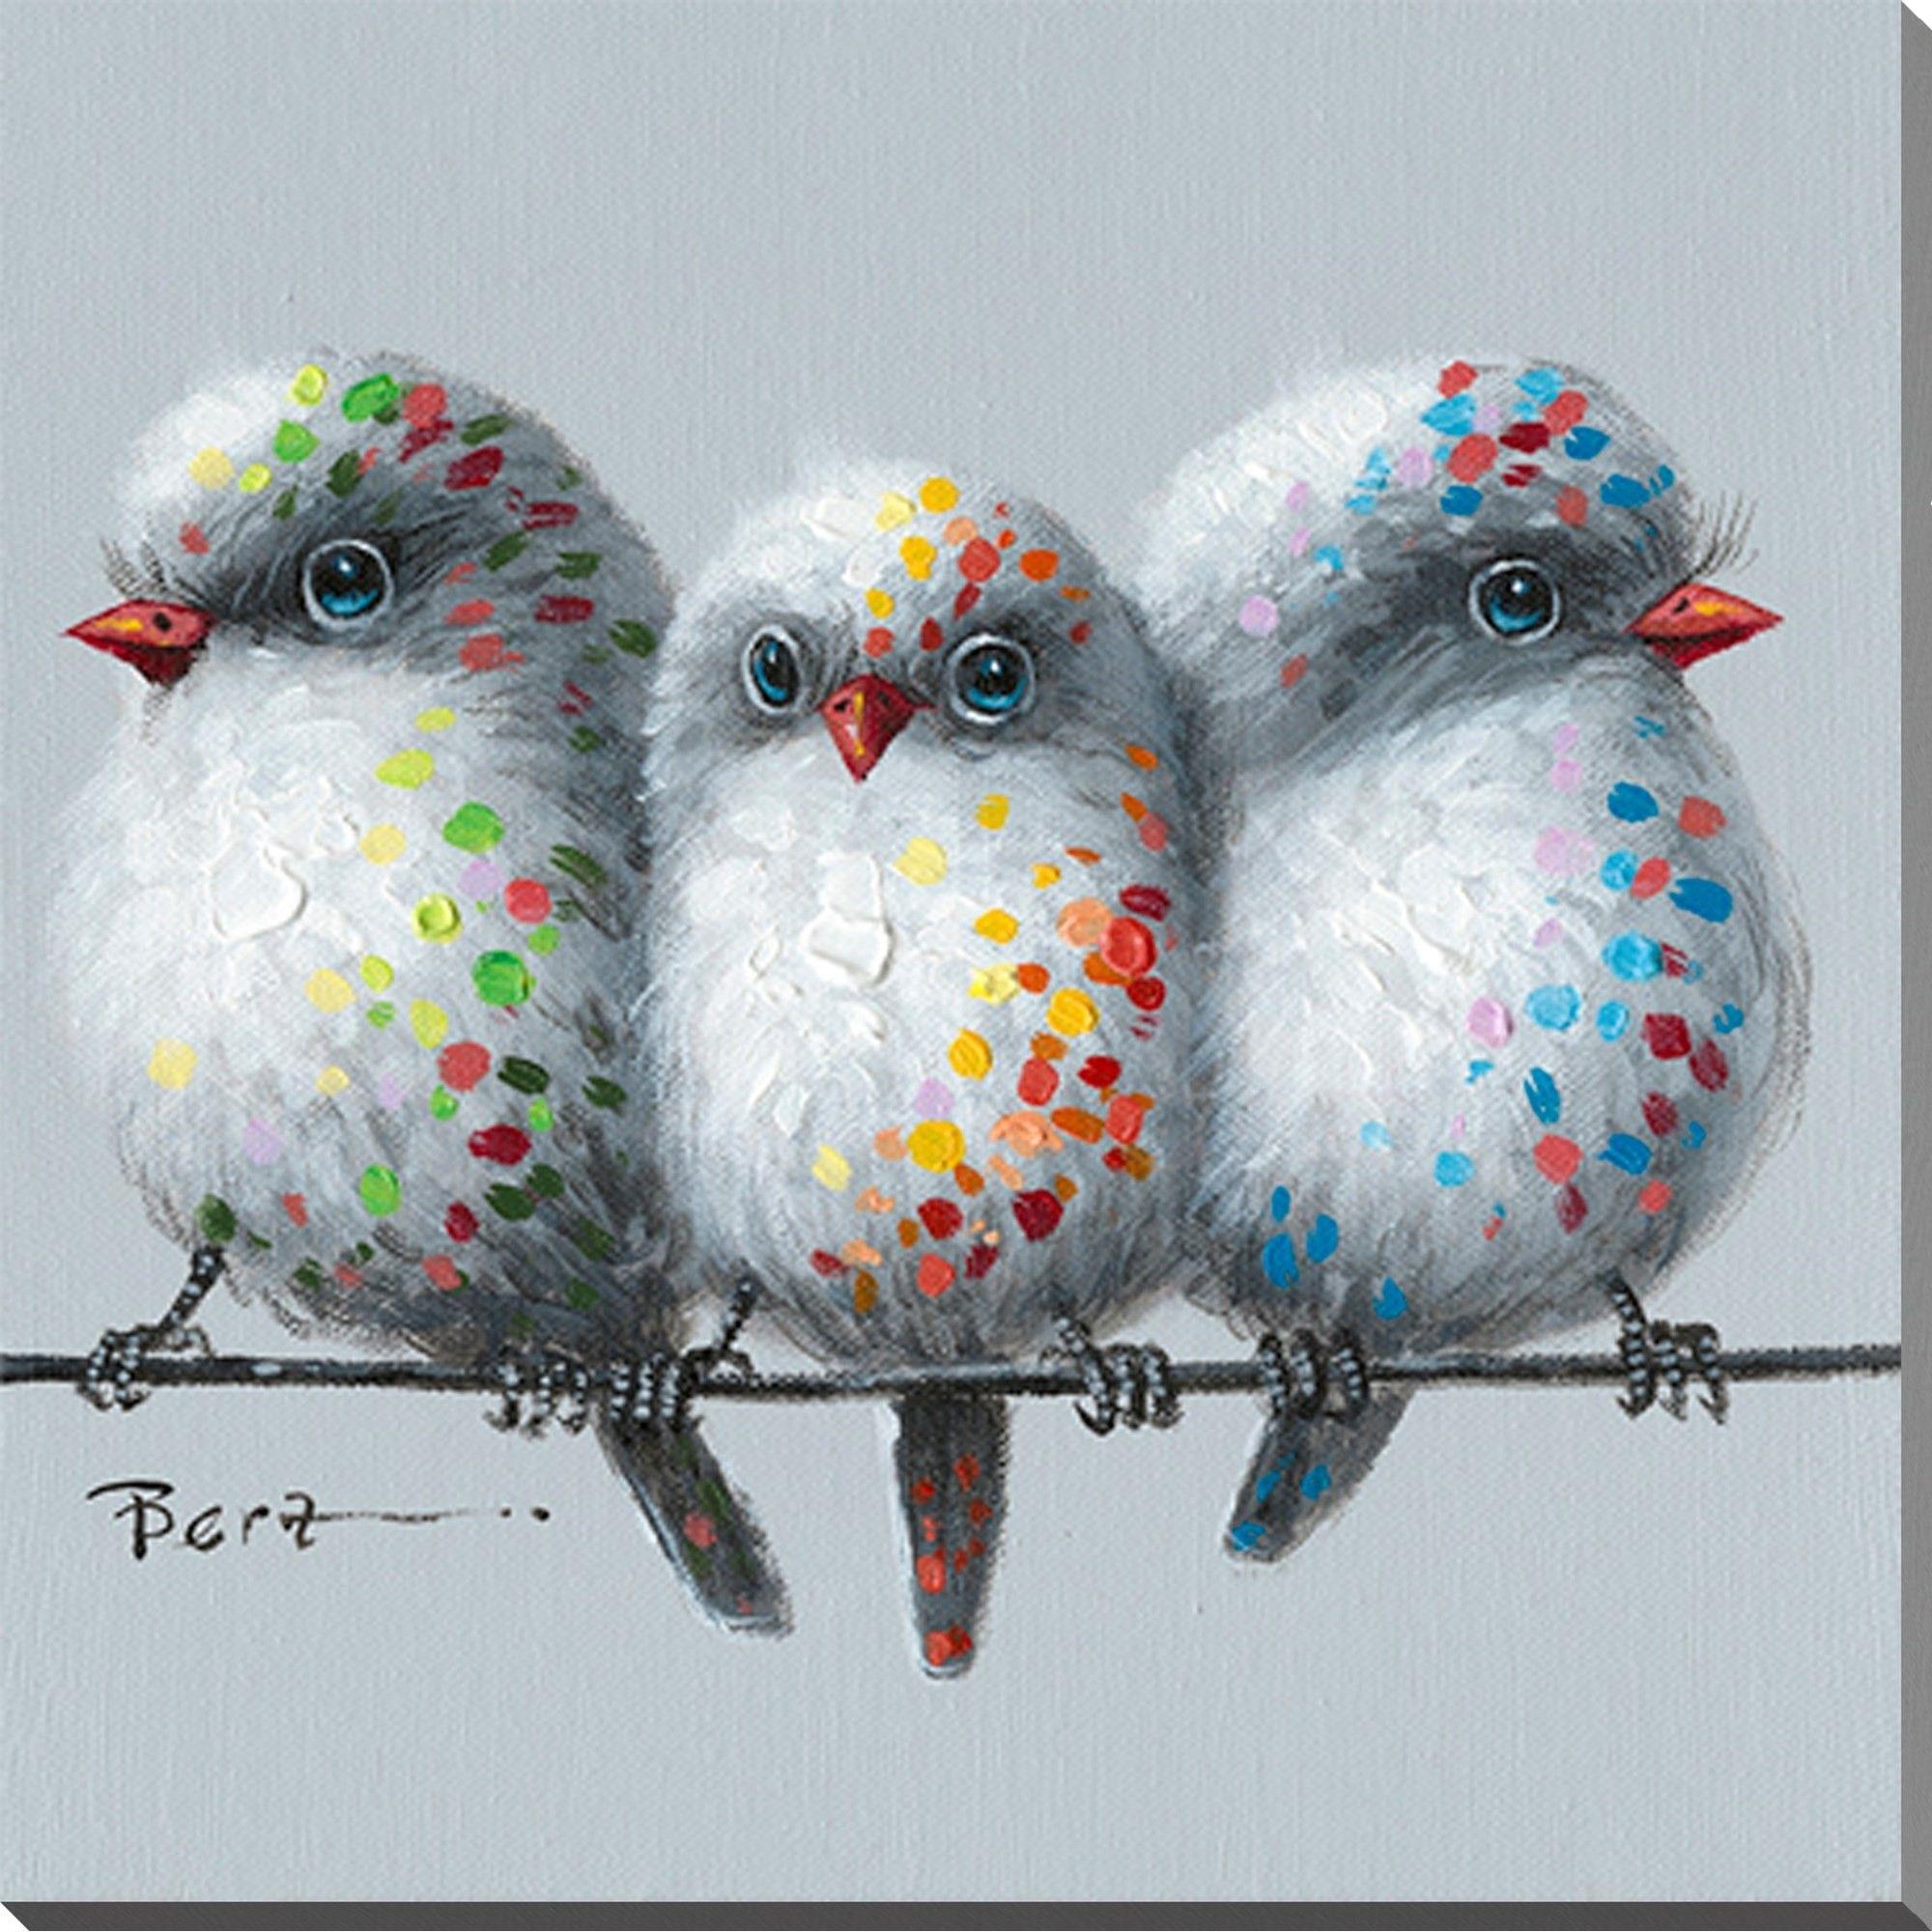 peinture l 39 huile avec image d 39 oiseaux id e de bonheur. Black Bedroom Furniture Sets. Home Design Ideas